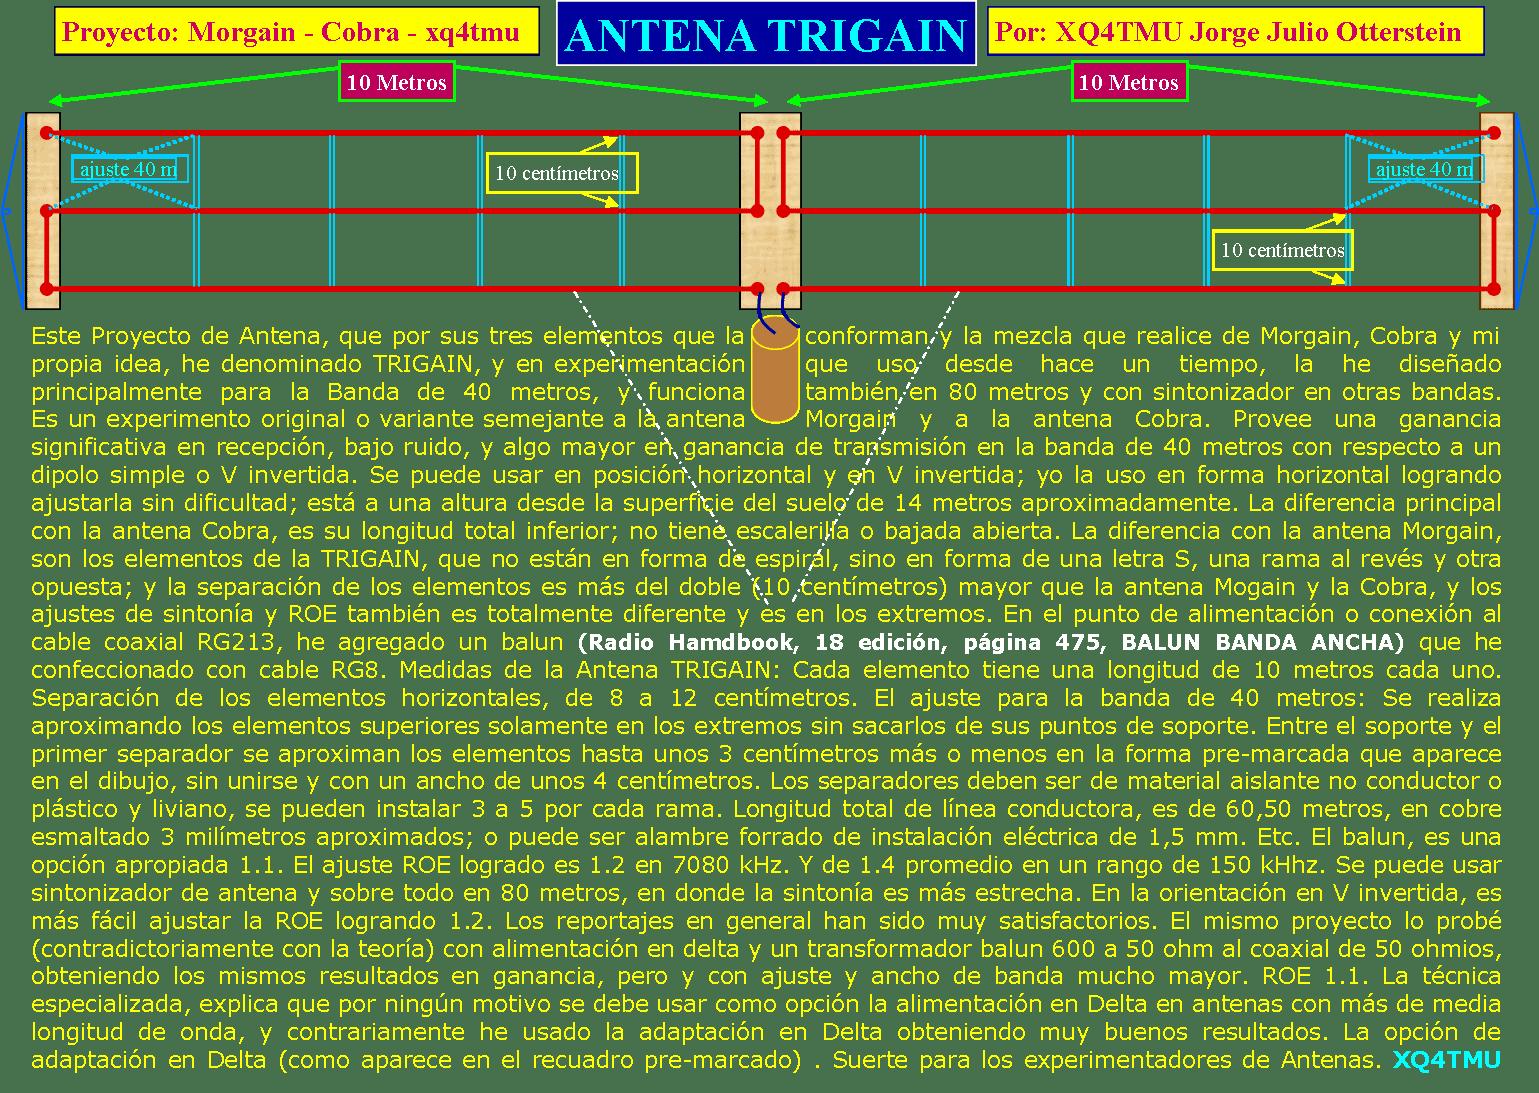 antena-trigain-morgain-cobra-modificada-por-xq4tmu-40-y-80-metros